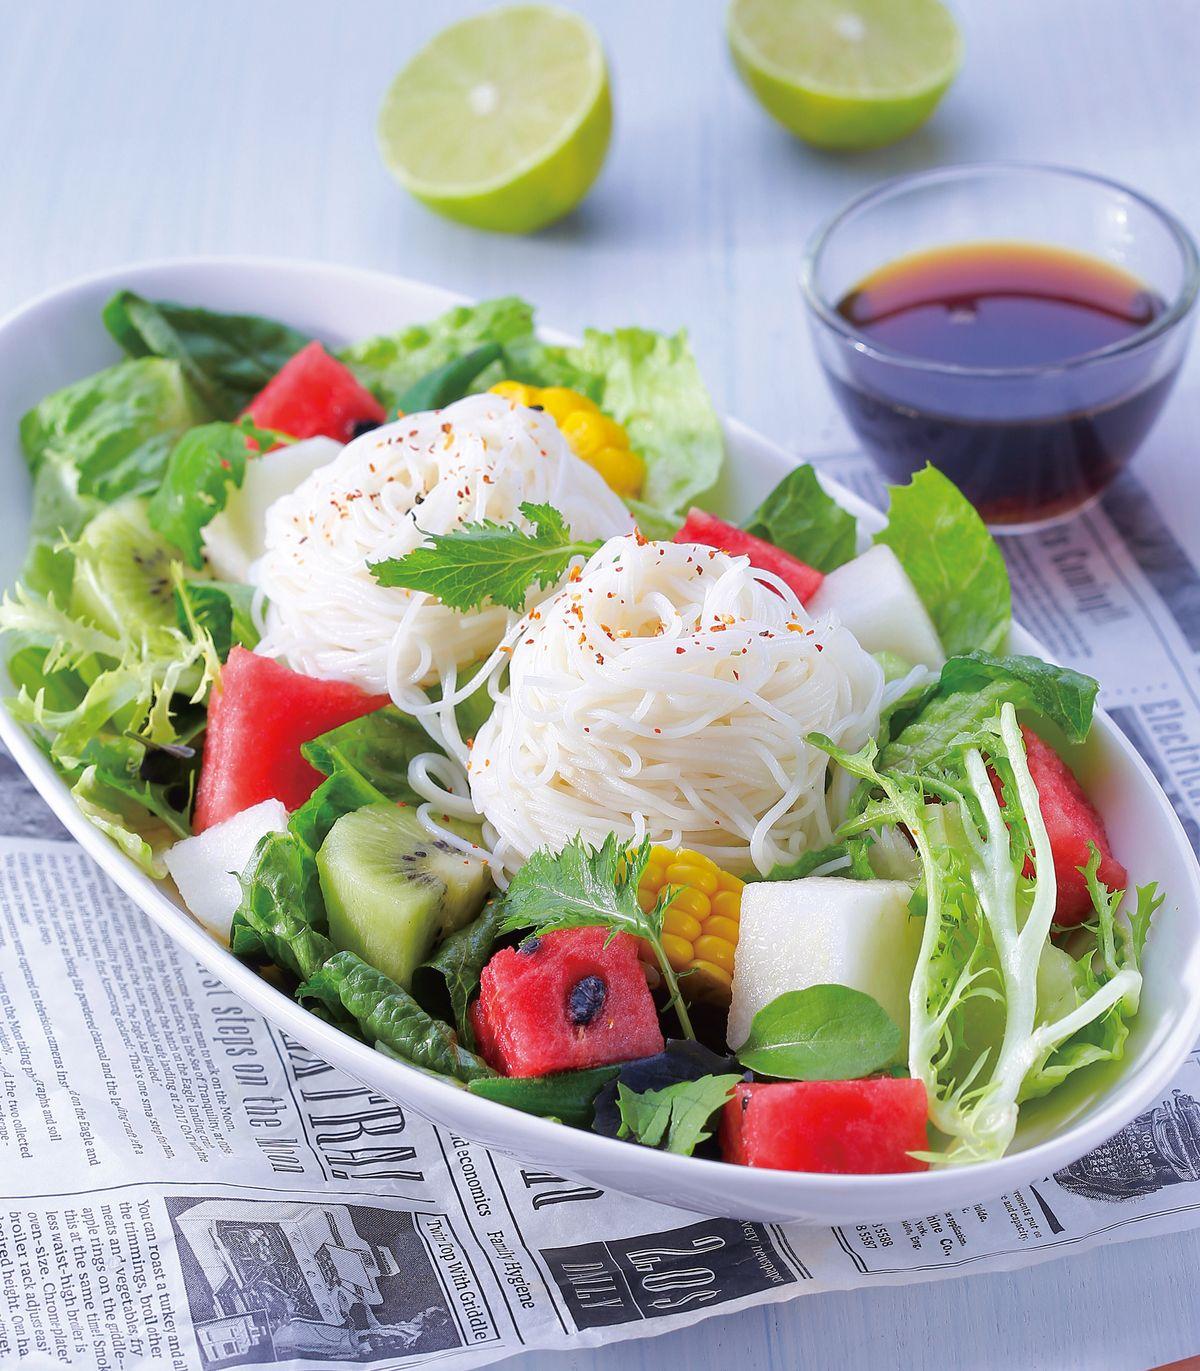 食譜:爽口蔬果涼麵沙拉